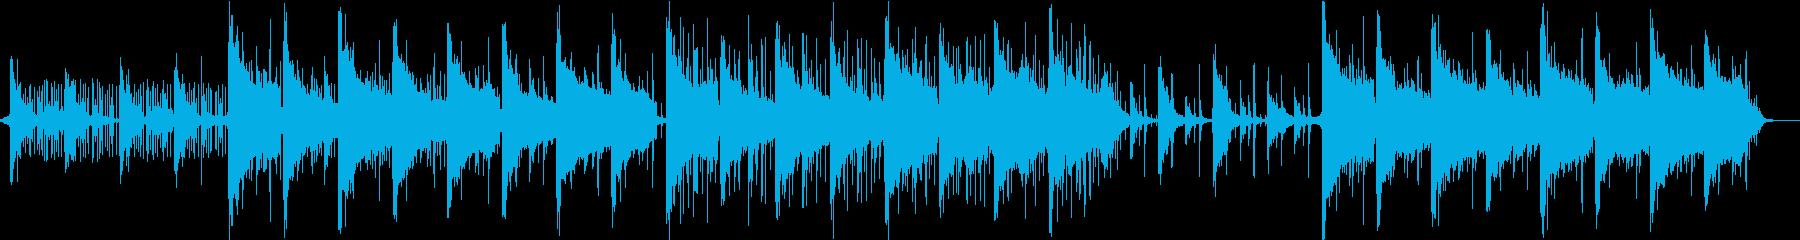 テック系アンビエントミニマルビート曲の再生済みの波形